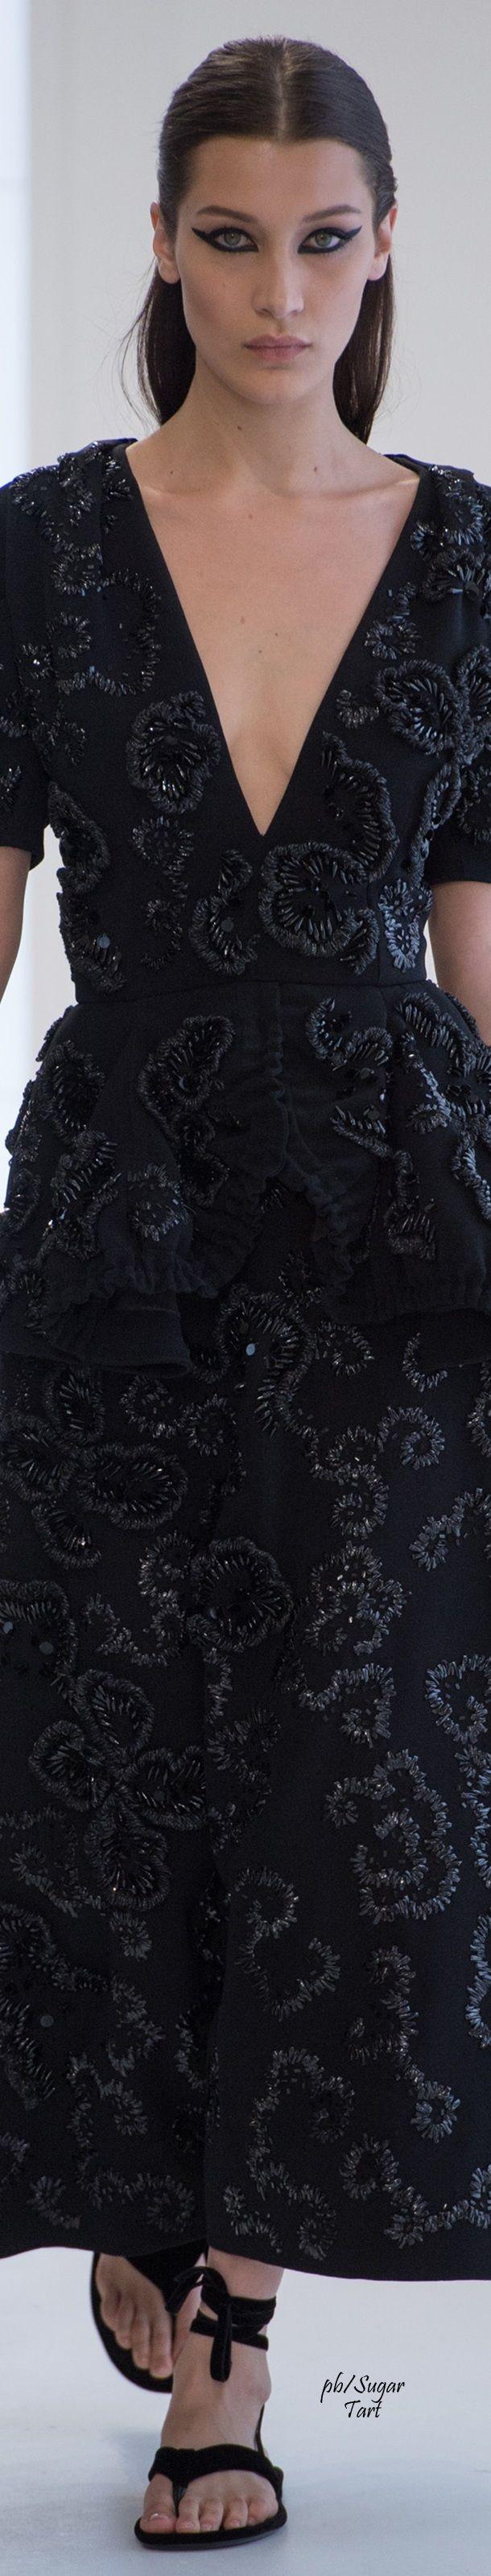 815 besten Dior Bilder auf Pinterest | Vintage mode, Klassische ...